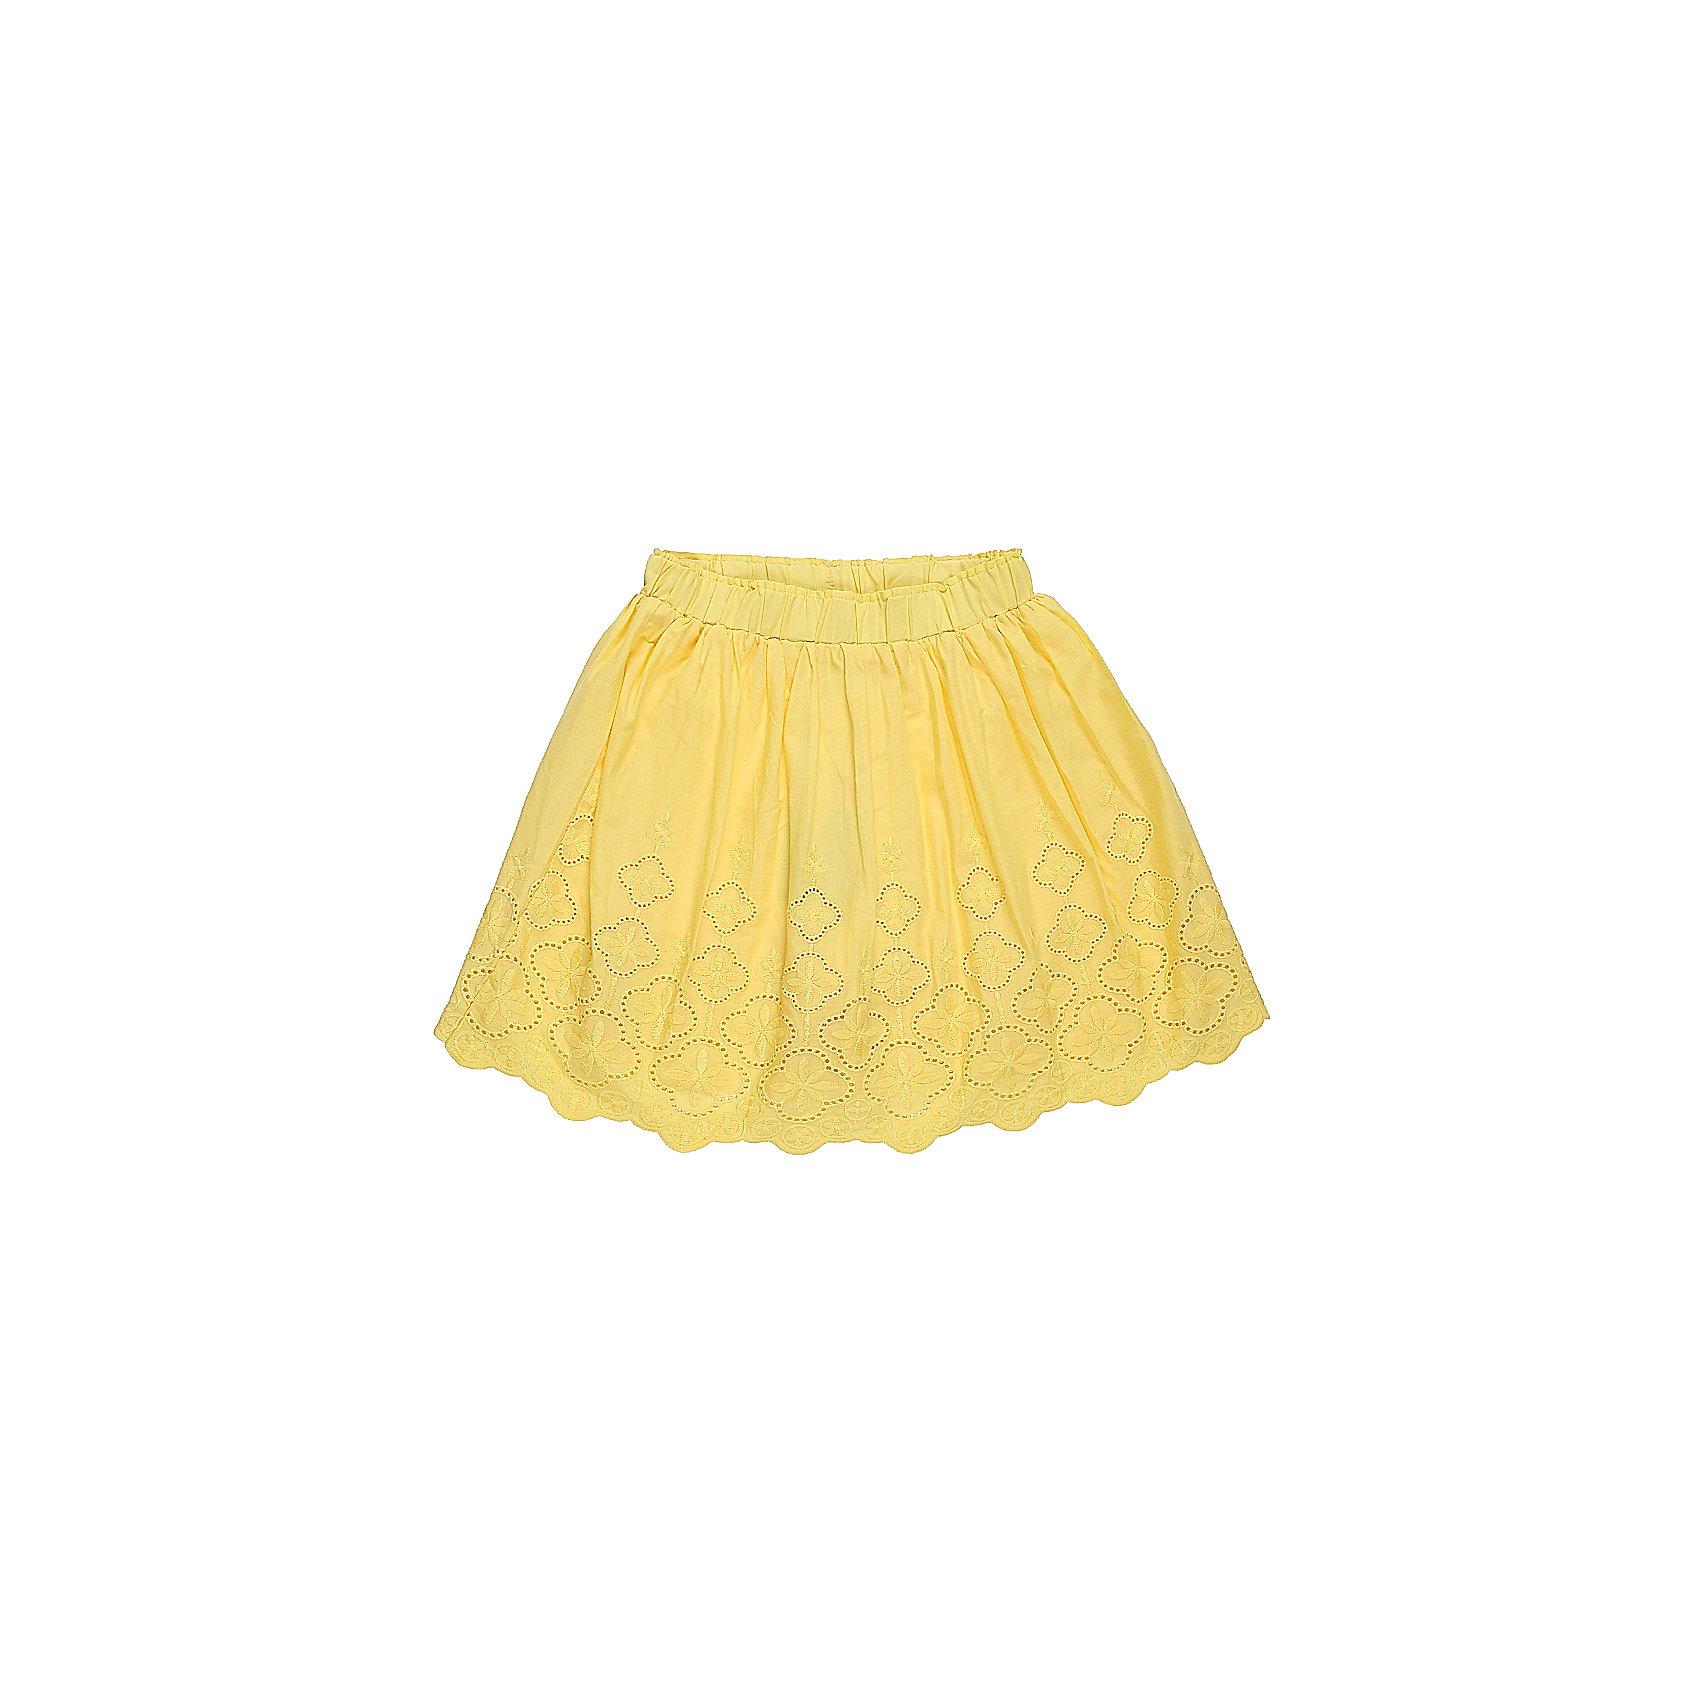 Юбка для девочки LuminosoЯркая текстильная юбка для девочки. Низ изделия декорирован  изящной вышивкой. Эластичный мягкий пояс.<br>Состав:<br>Верх: 100% хлопок, Подкладка: 100%хлопок<br><br>Ширина мм: 207<br>Глубина мм: 10<br>Высота мм: 189<br>Вес г: 183<br>Цвет: желтый<br>Возраст от месяцев: 108<br>Возраст до месяцев: 120<br>Пол: Женский<br>Возраст: Детский<br>Размер: 140,134,146,152,158,164<br>SKU: 5413284